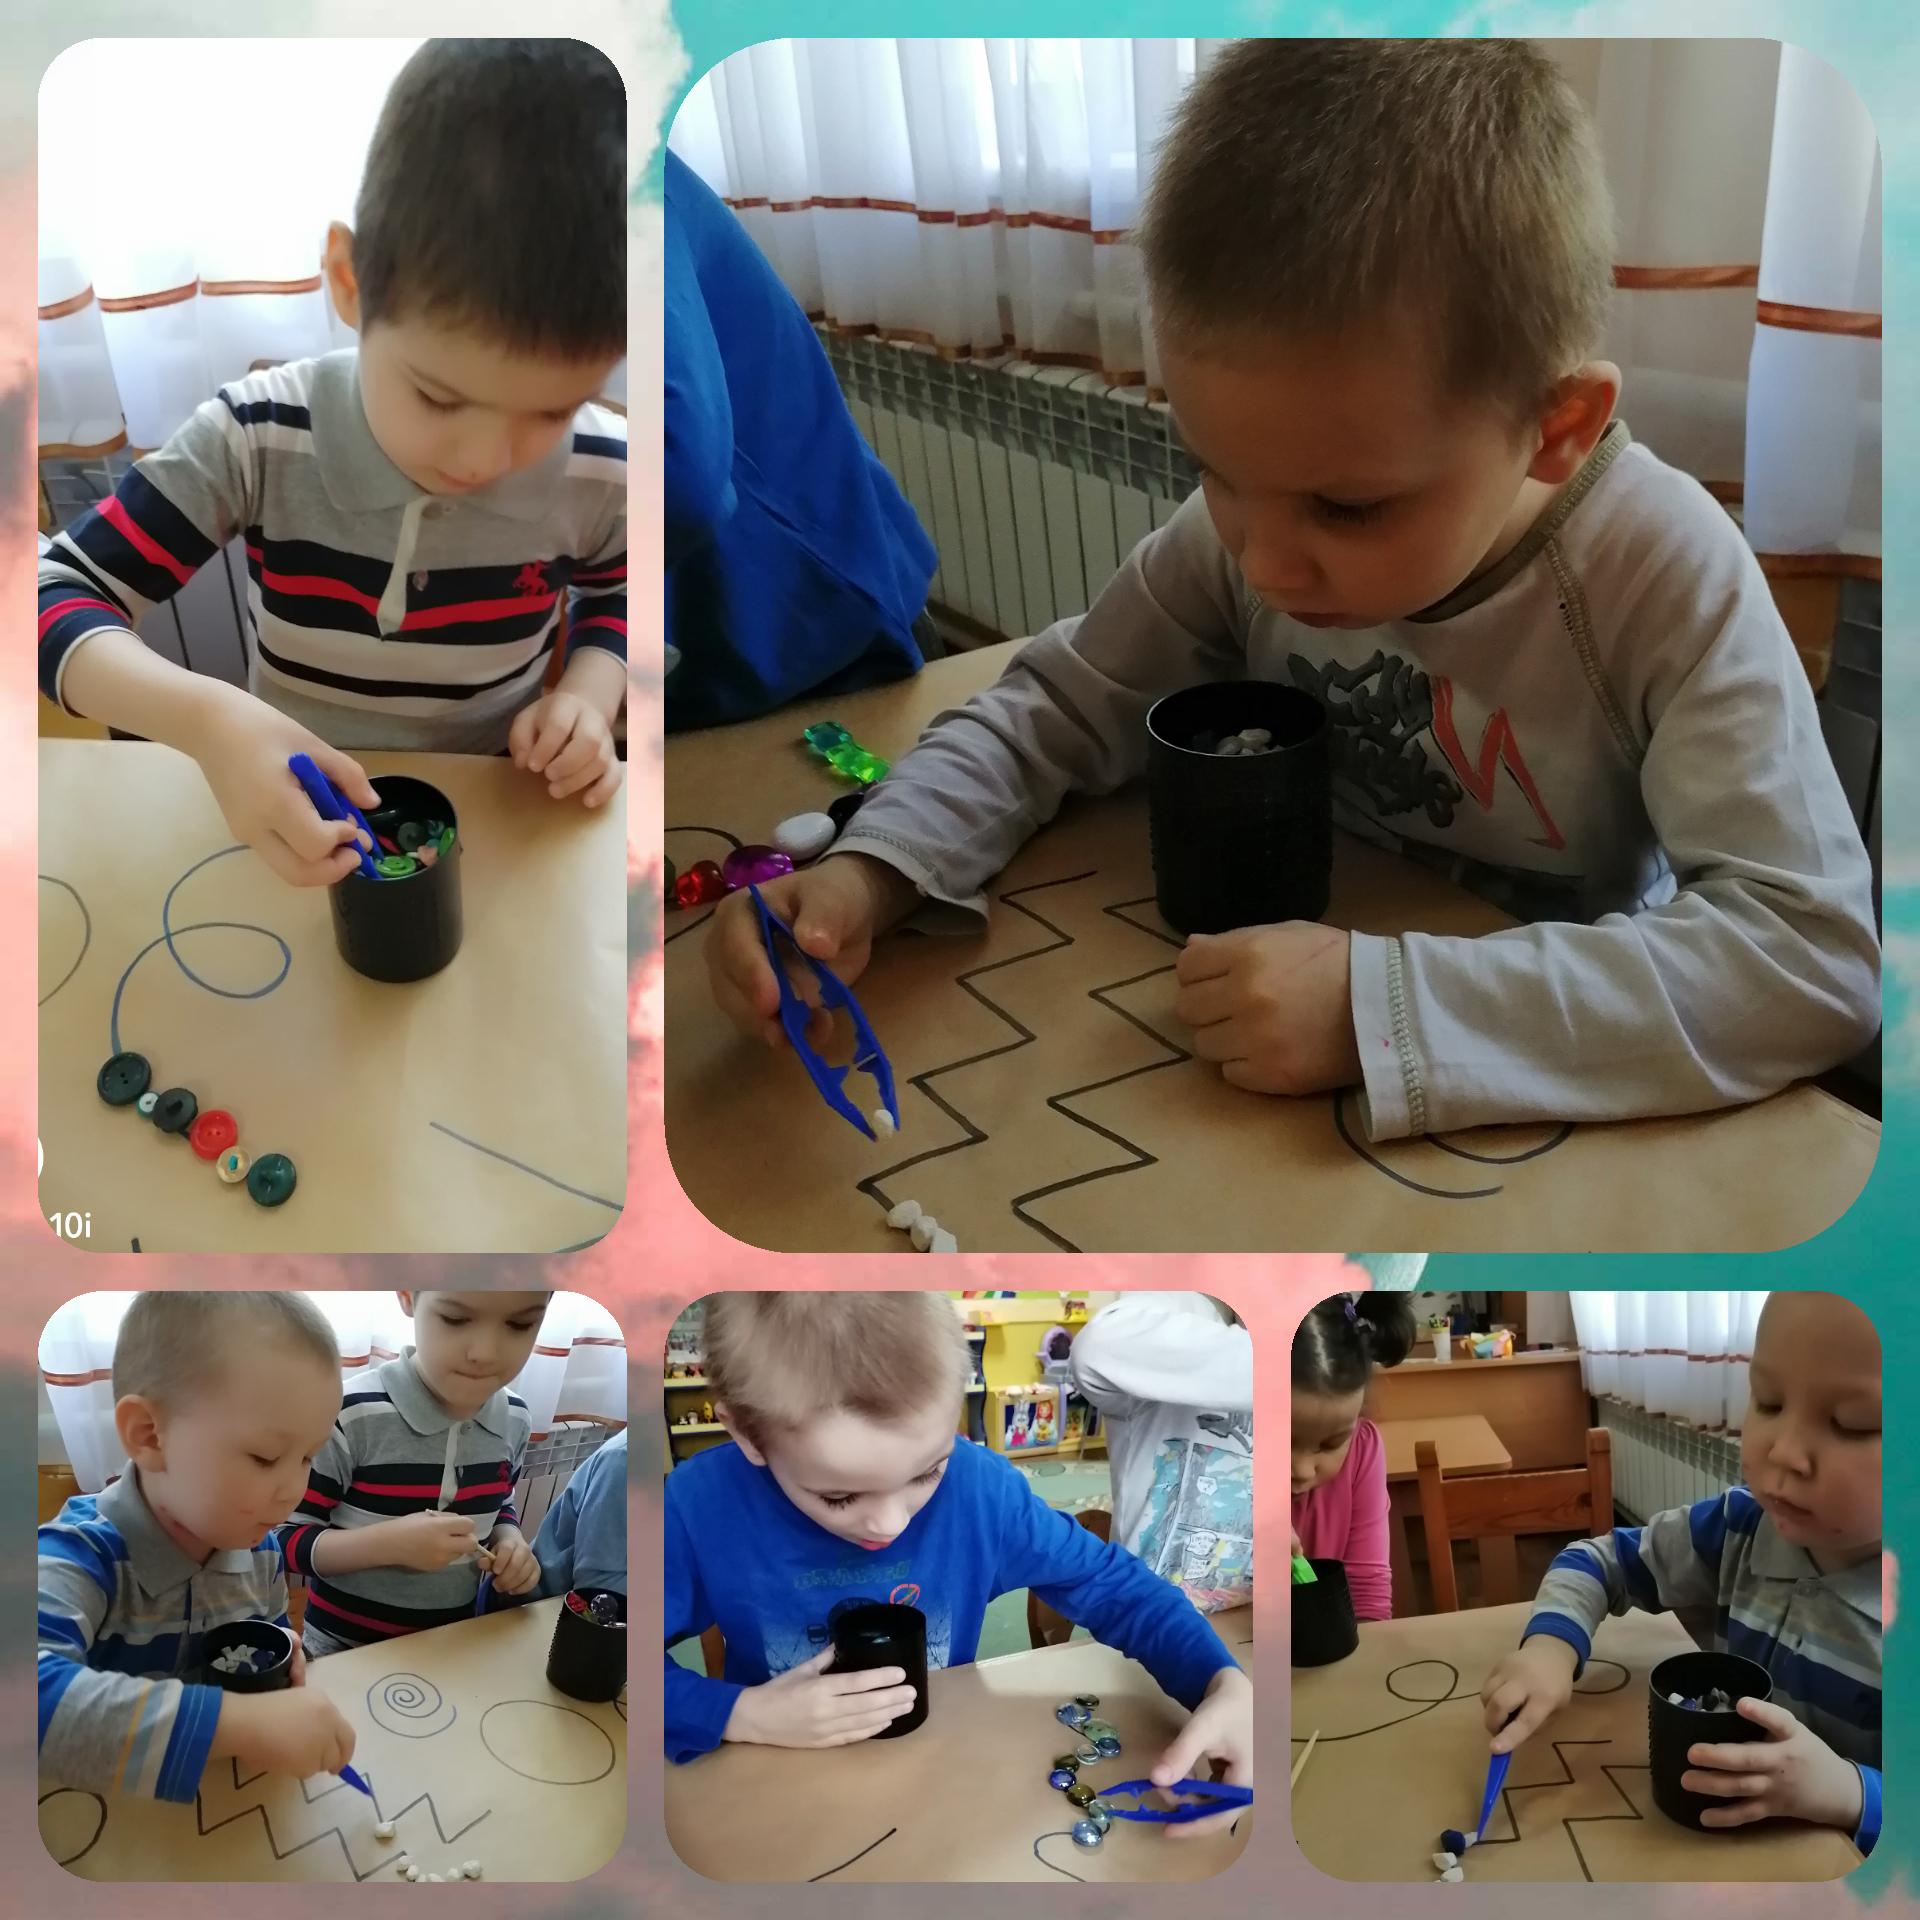 Polish_20200615_102603777